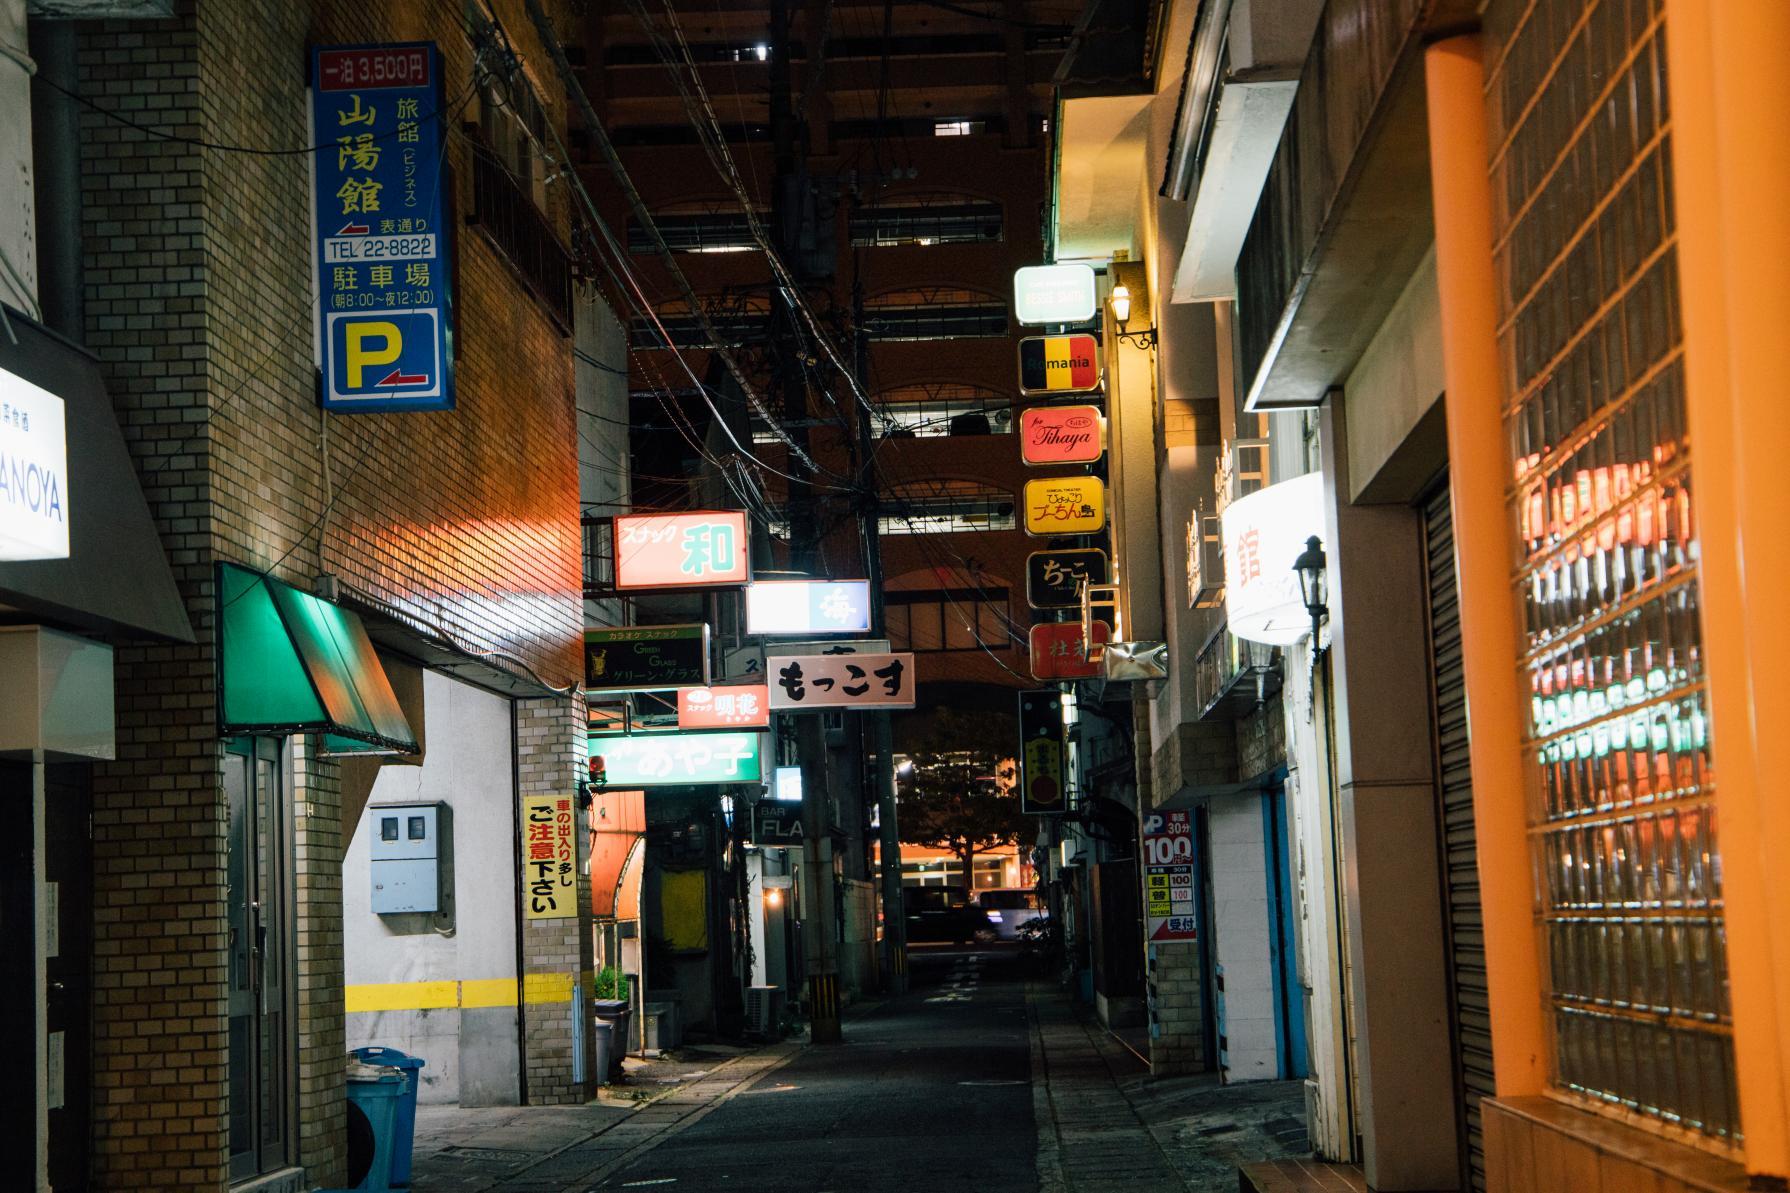 ディープな夜へ誘う♡愛称で呼ばれる路地裏通り-2